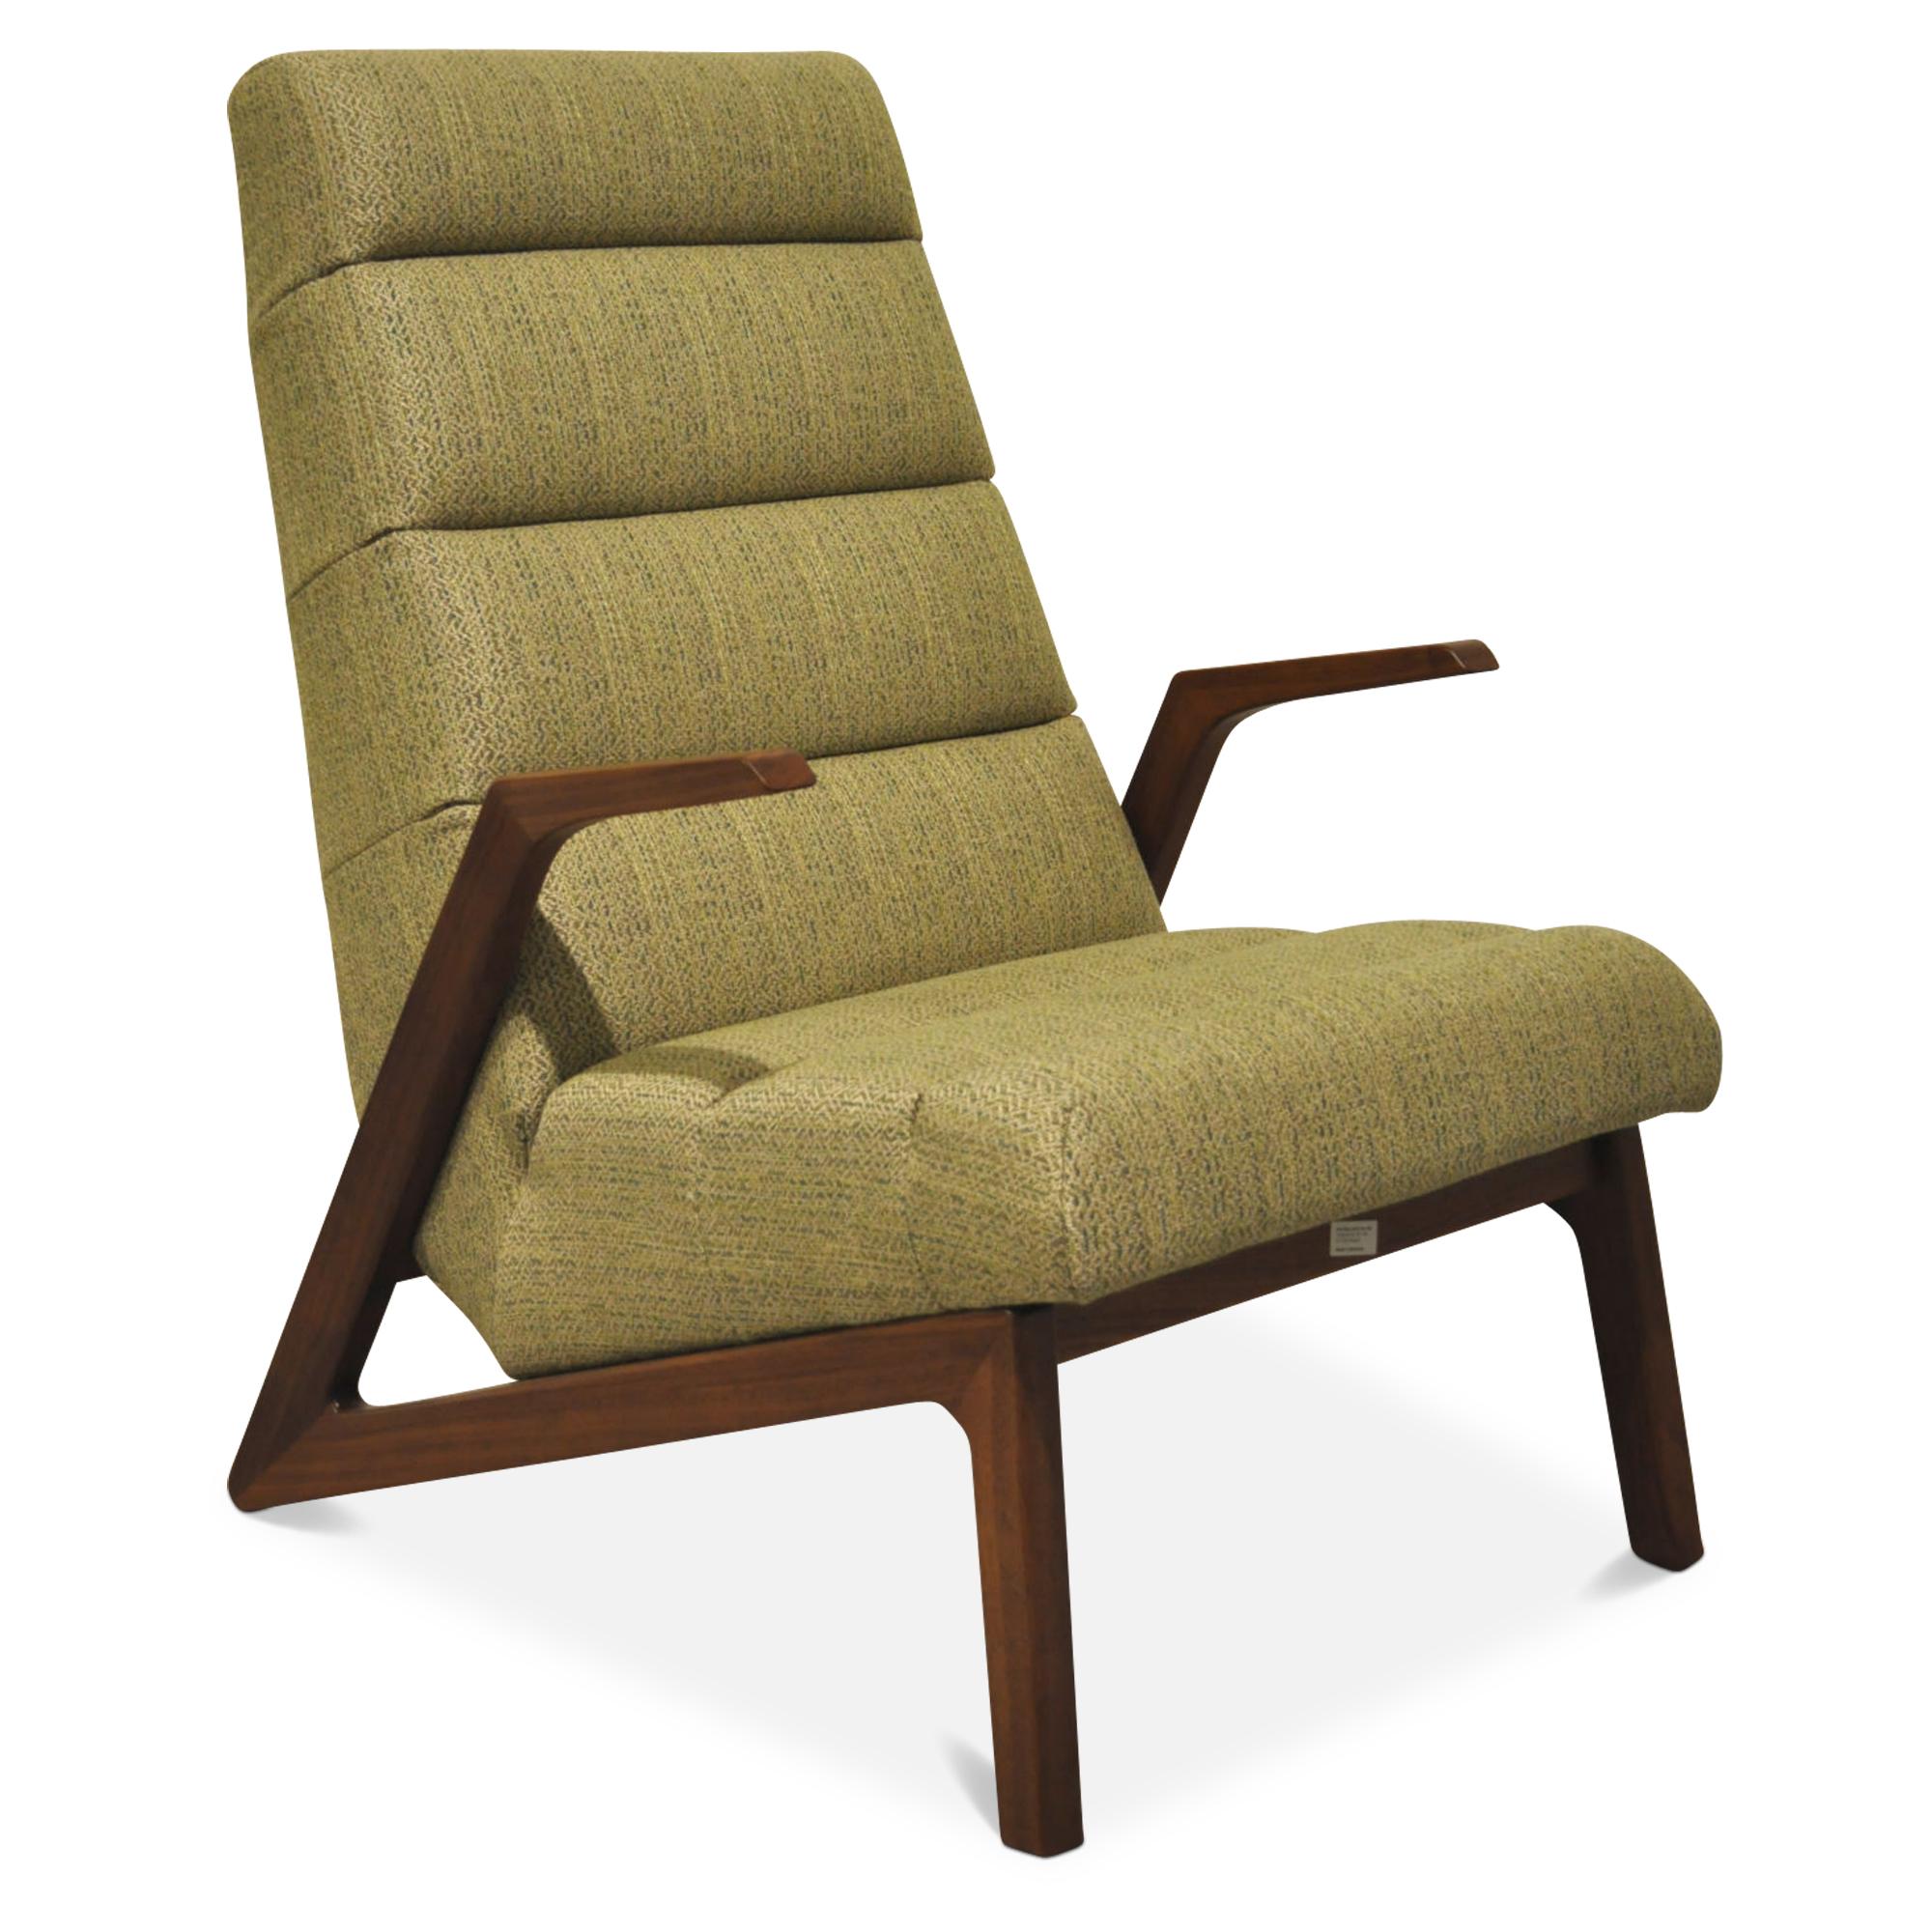 Rolf Benz Designer Sessel Se 580 In Grün Stoff Holz Grün Nussbaum Ebay